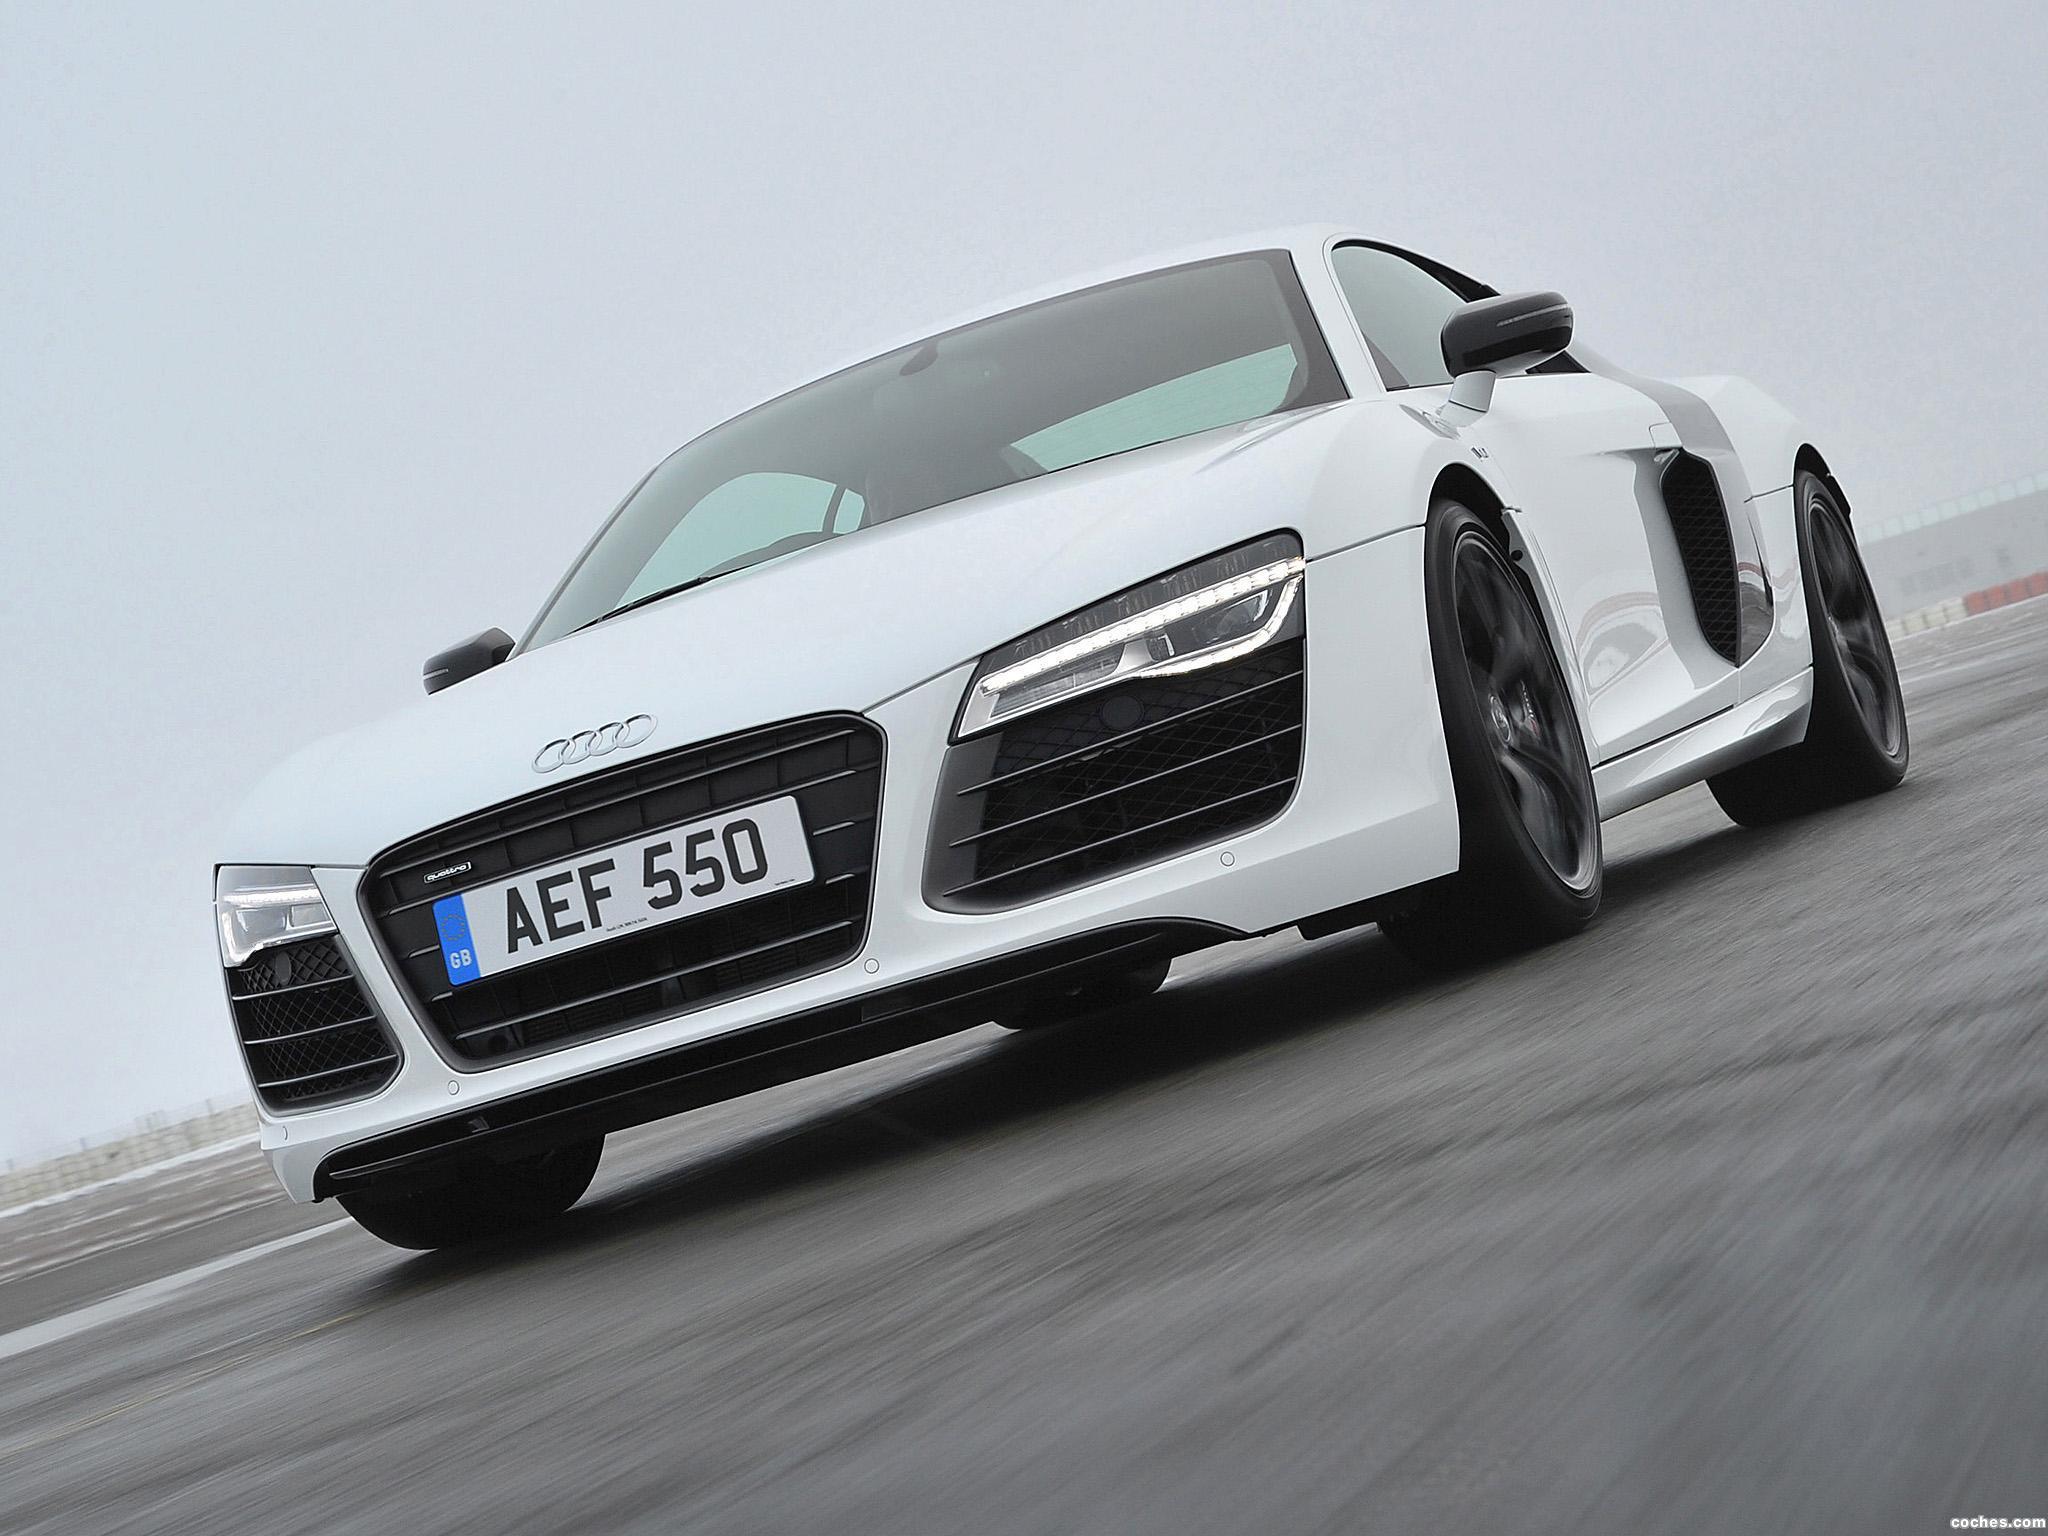 Audi r8 v10 plus precio españa